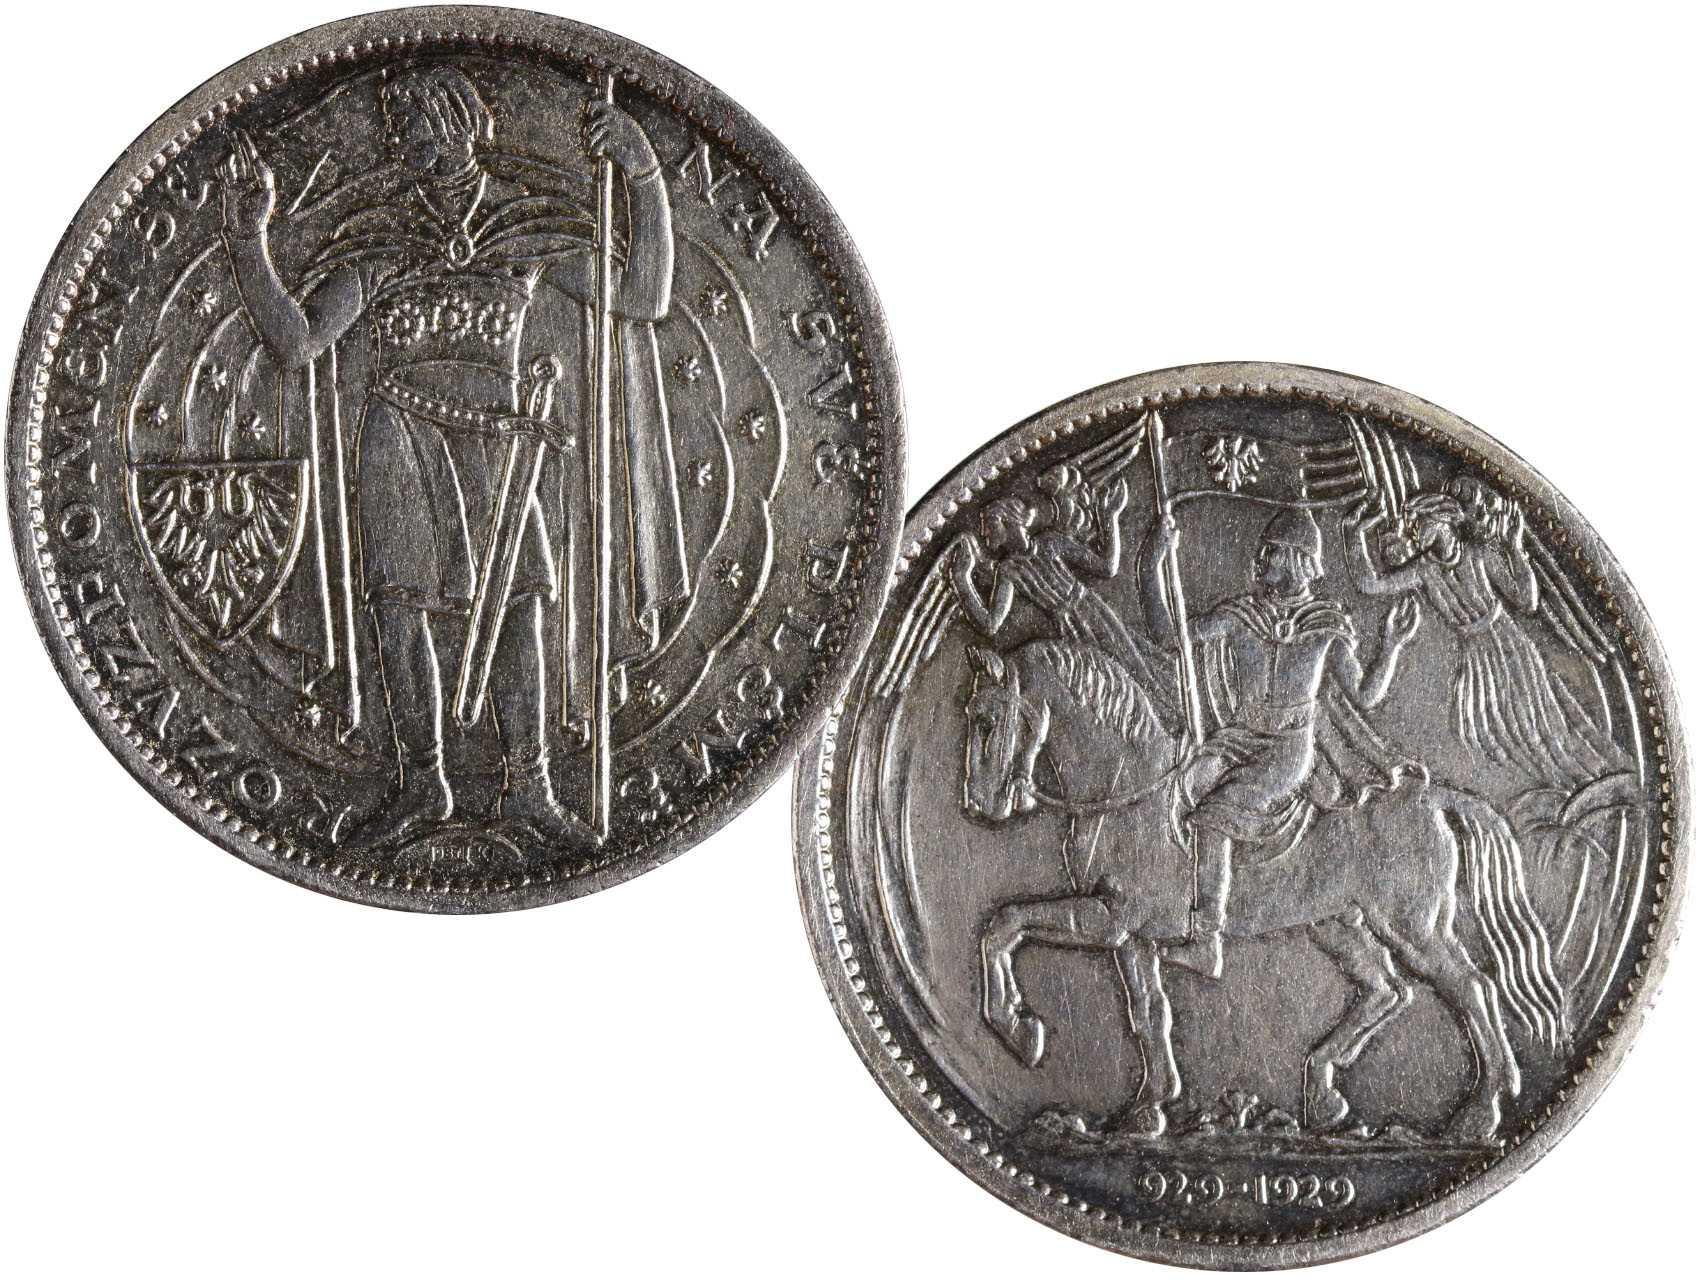 Španiel Otakar 1881-1955 - Milénium sv. Václava 929 - 1929, Ag medaile 987, 30g, průměr 40 mm